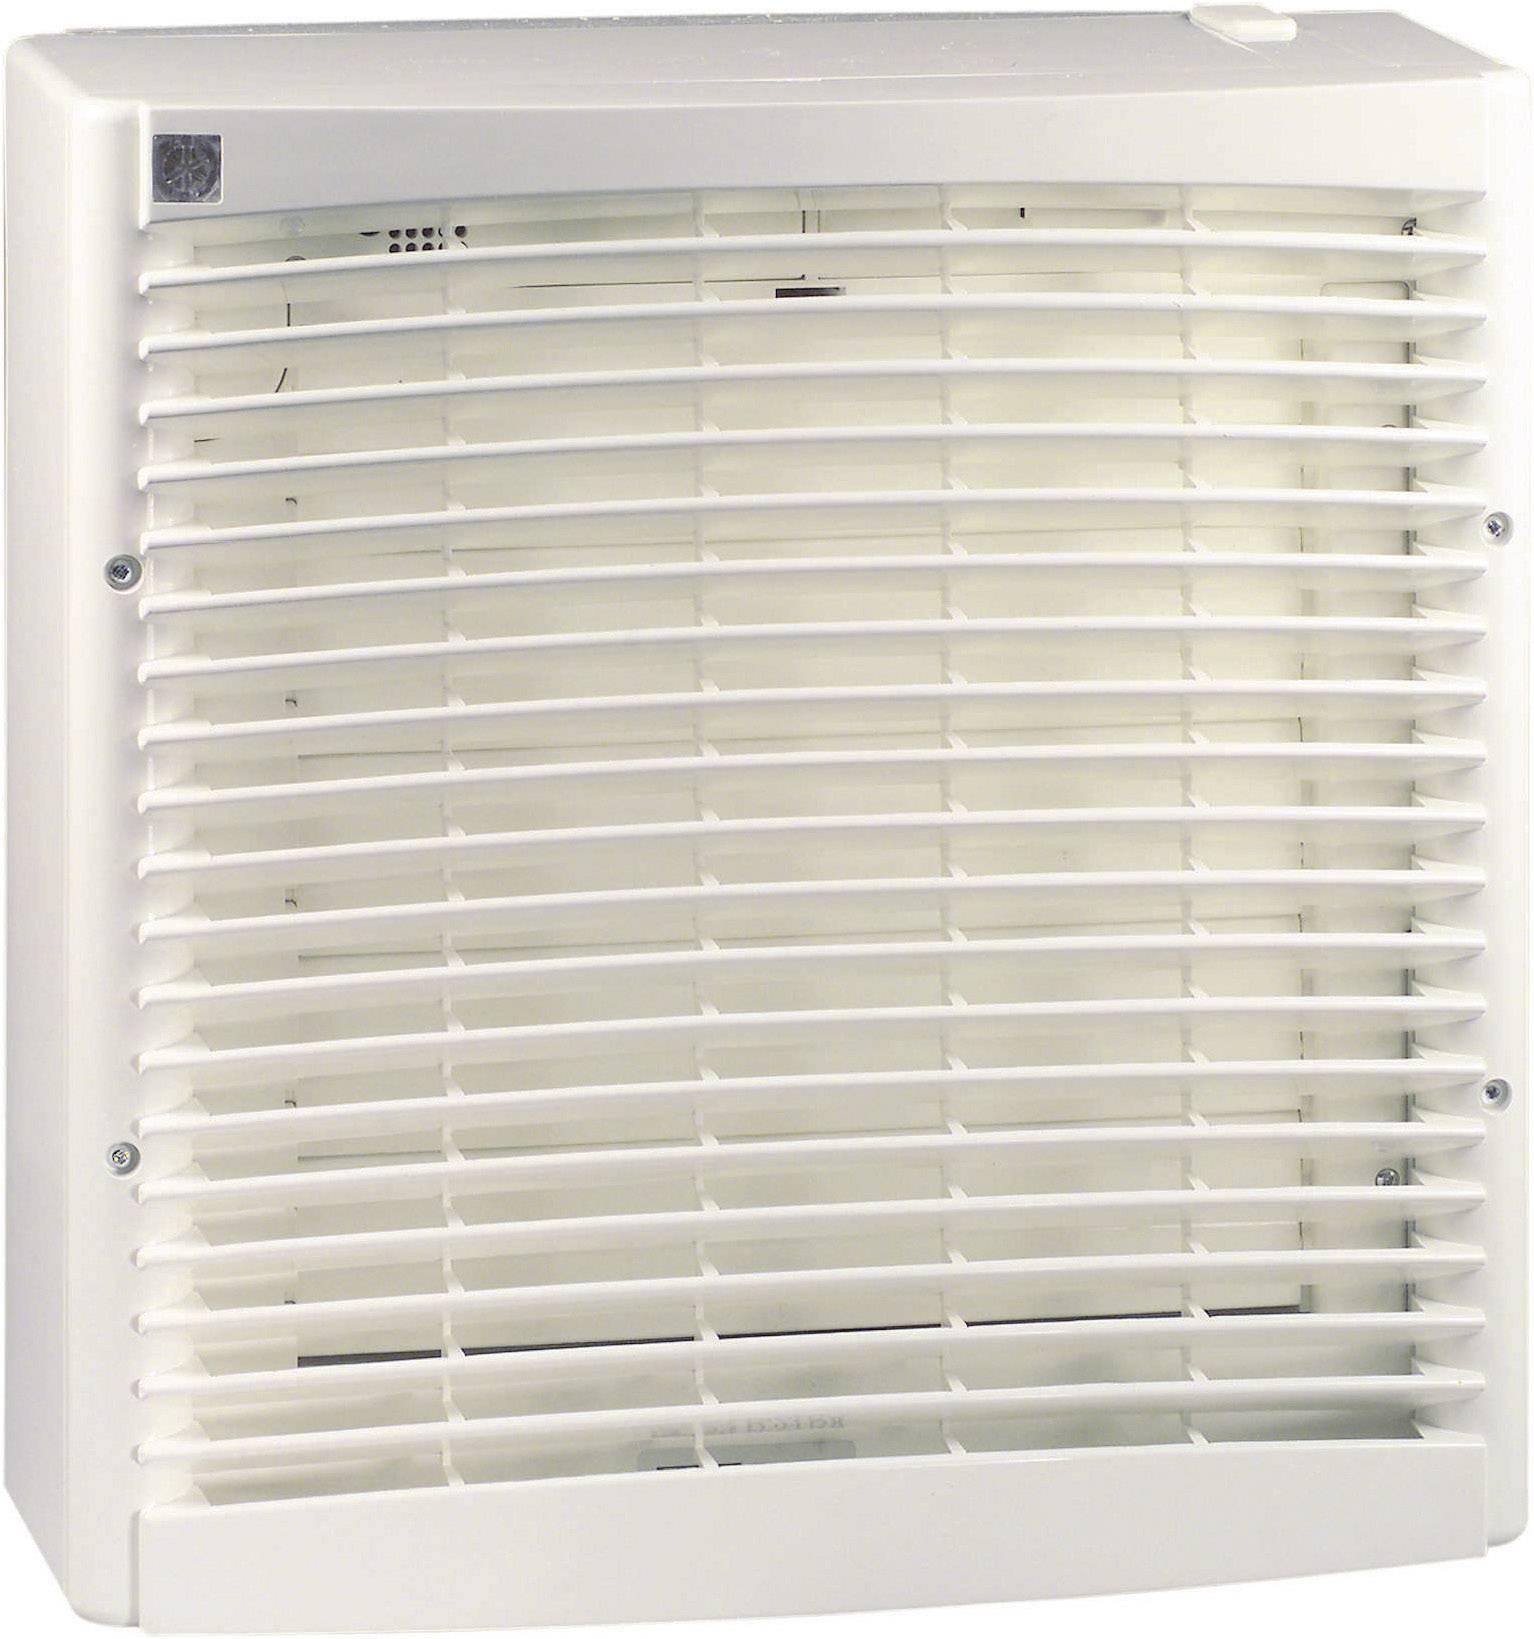 Vestavný ventilátor Wallair, 20100180, 230 V, 530 m3/h, 18,5 x 34 cm